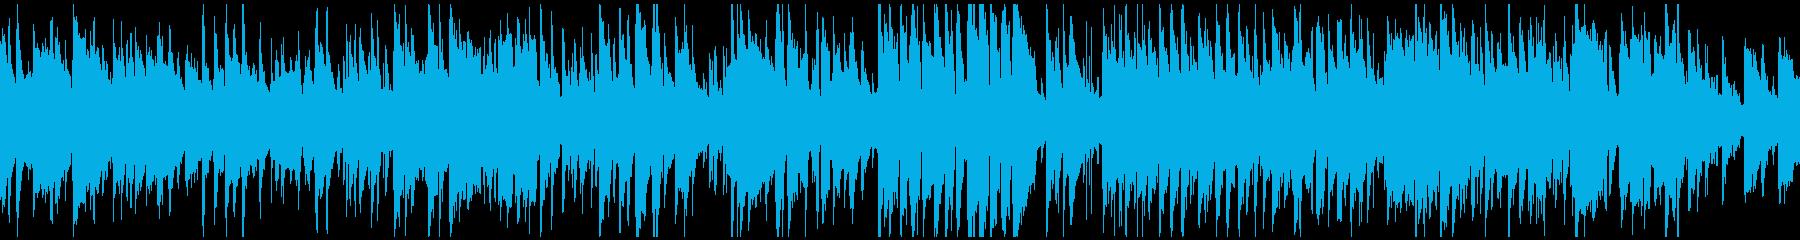 少しファンキーな5拍子のジャズ※ループ版の再生済みの波形